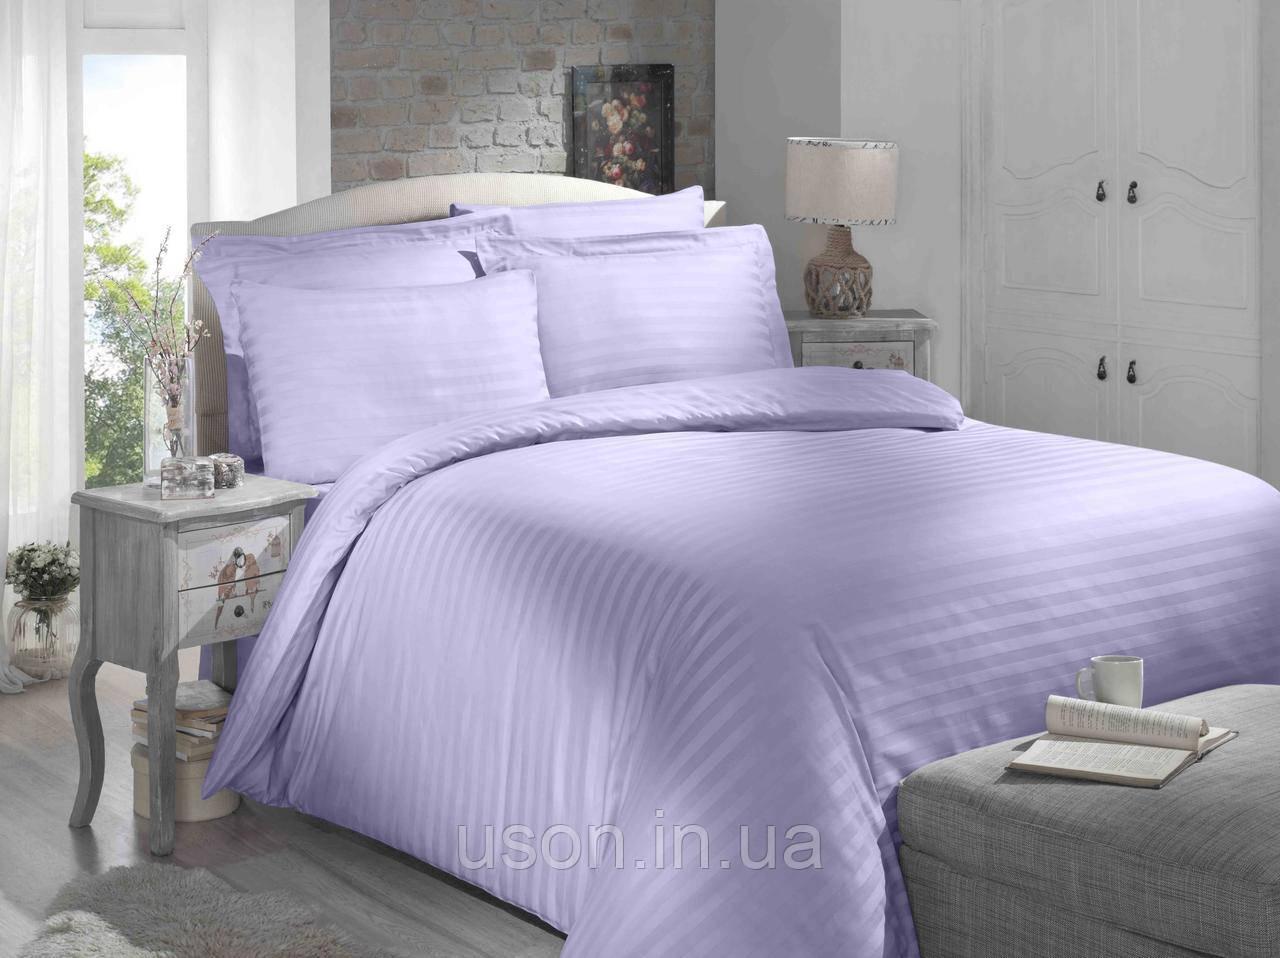 Купить Комплект постельного белья сатин Altinbasak евро размер Lila